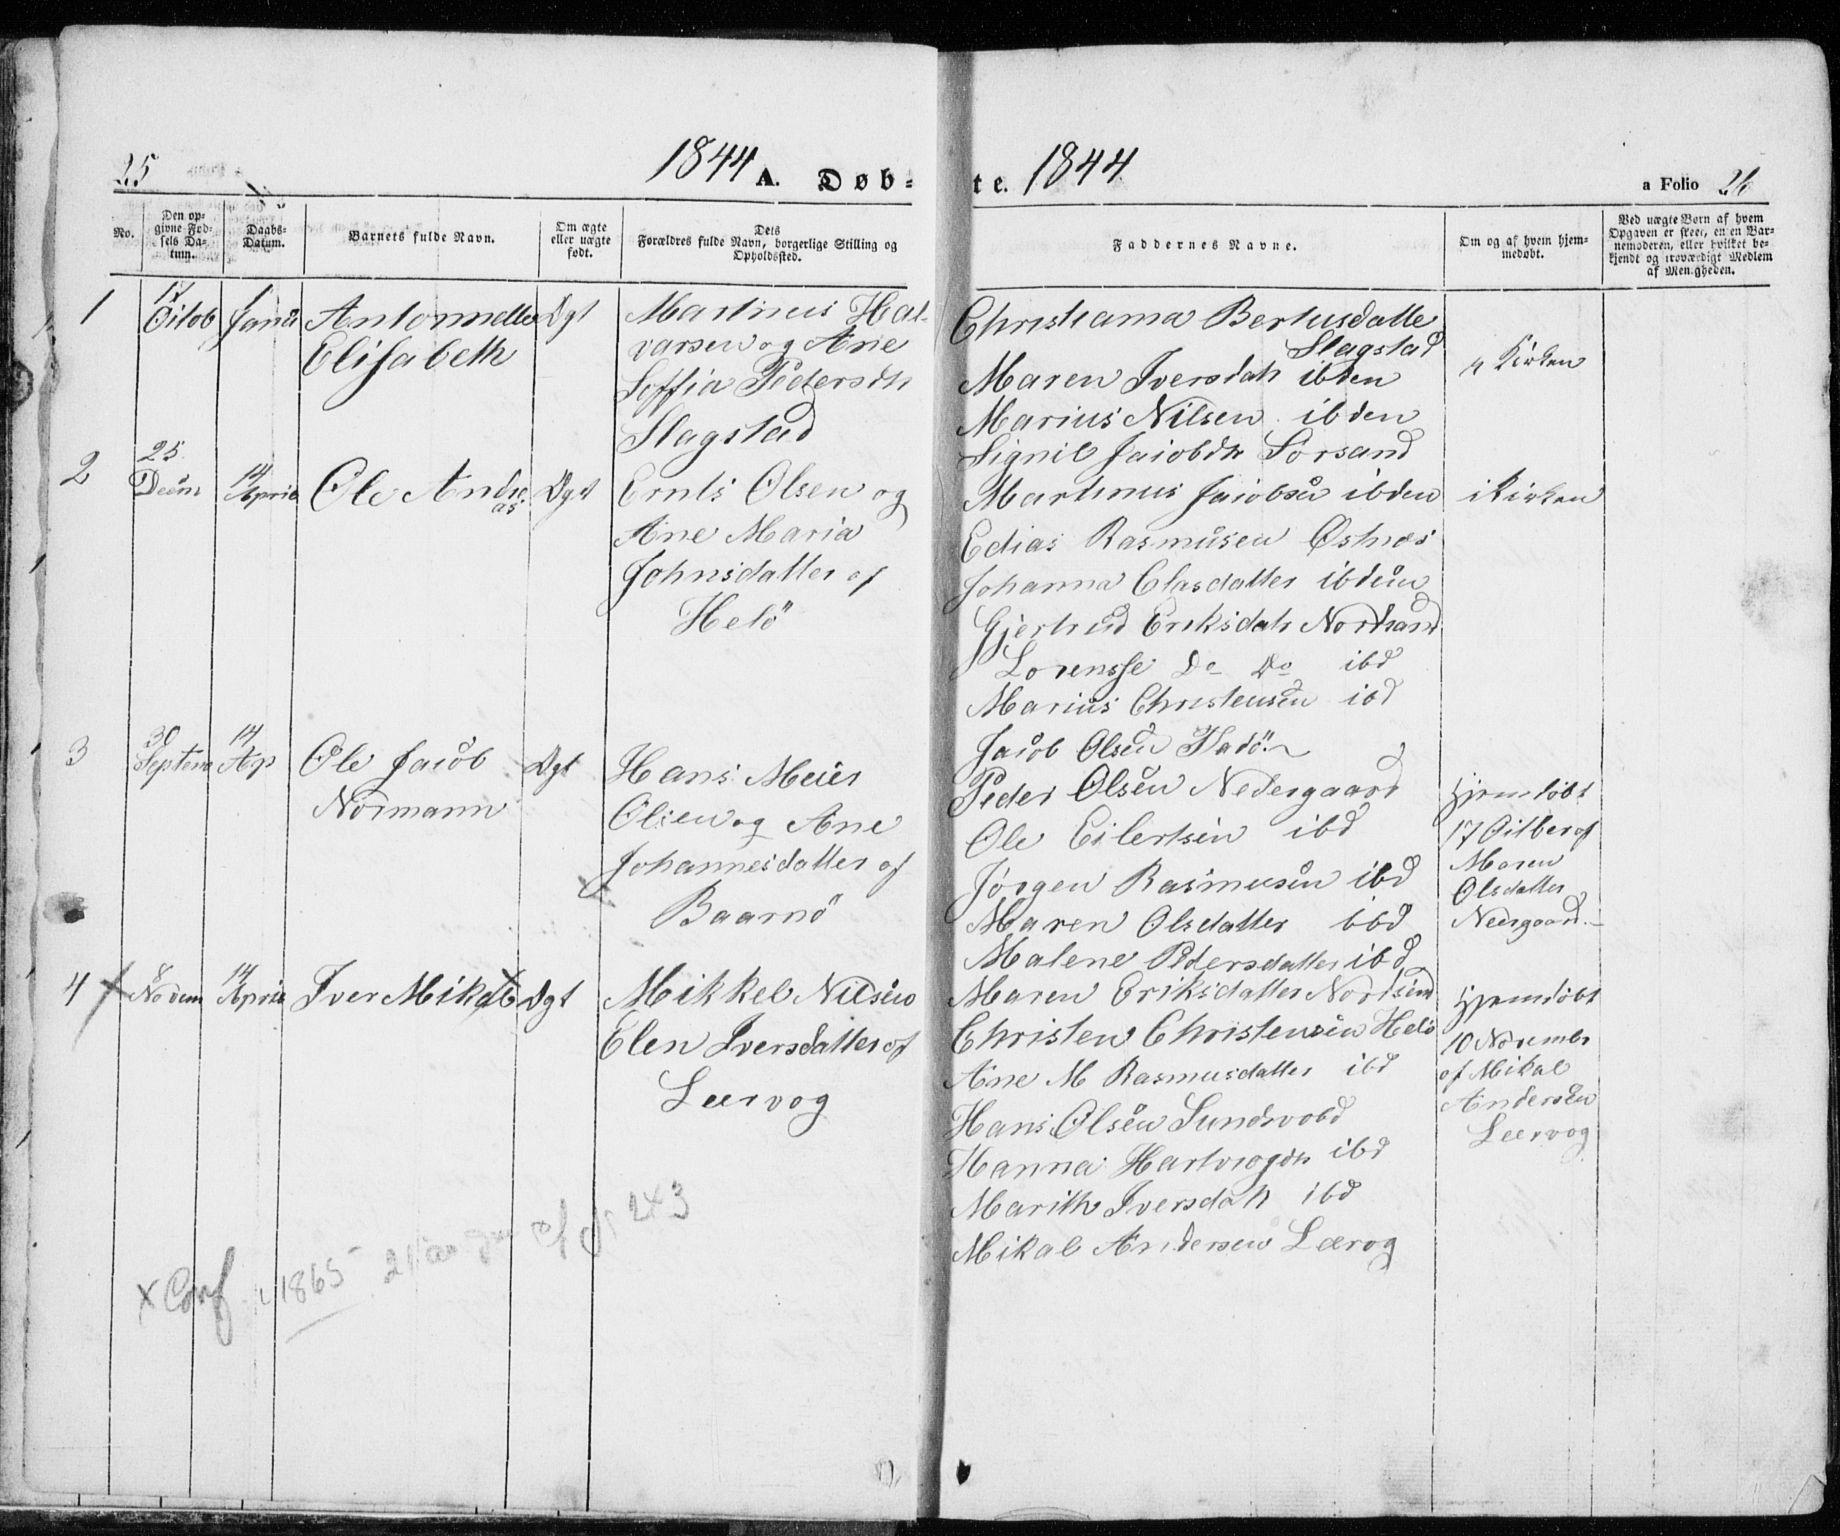 SATØ, Trondenes sokneprestkontor, H/Ha/L0010kirke: Ministerialbok nr. 10, 1840-1865, s. 25-26